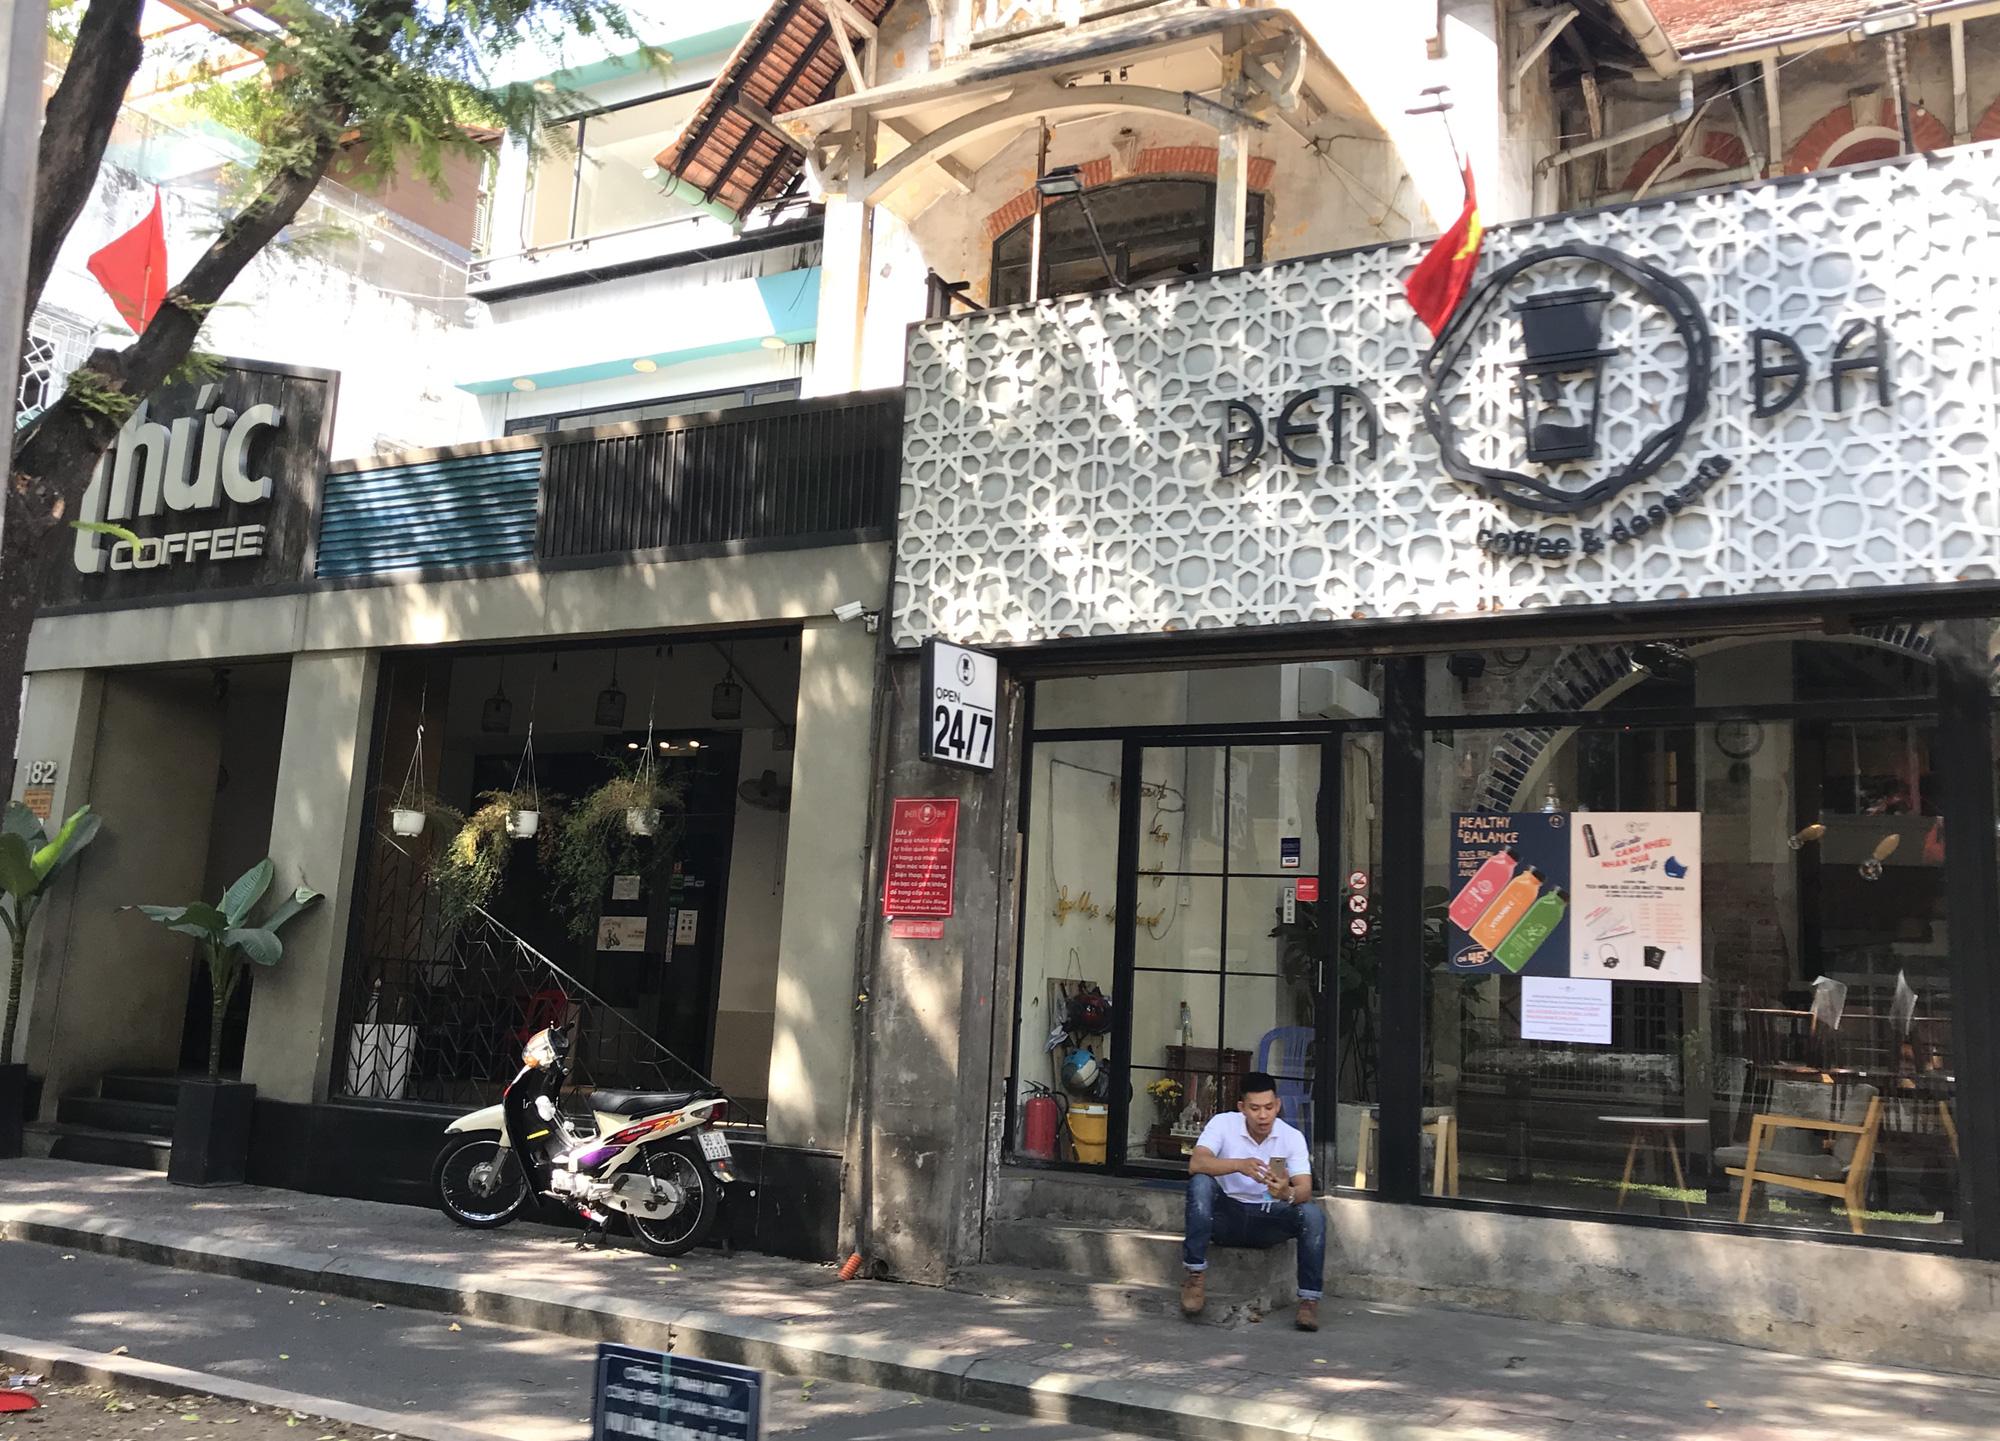 Tiệm vàng, Chanel, Gucci Sài Gòn cũng đóng cửa im ỉm phòng dịch Covid-19 - Ảnh 1.